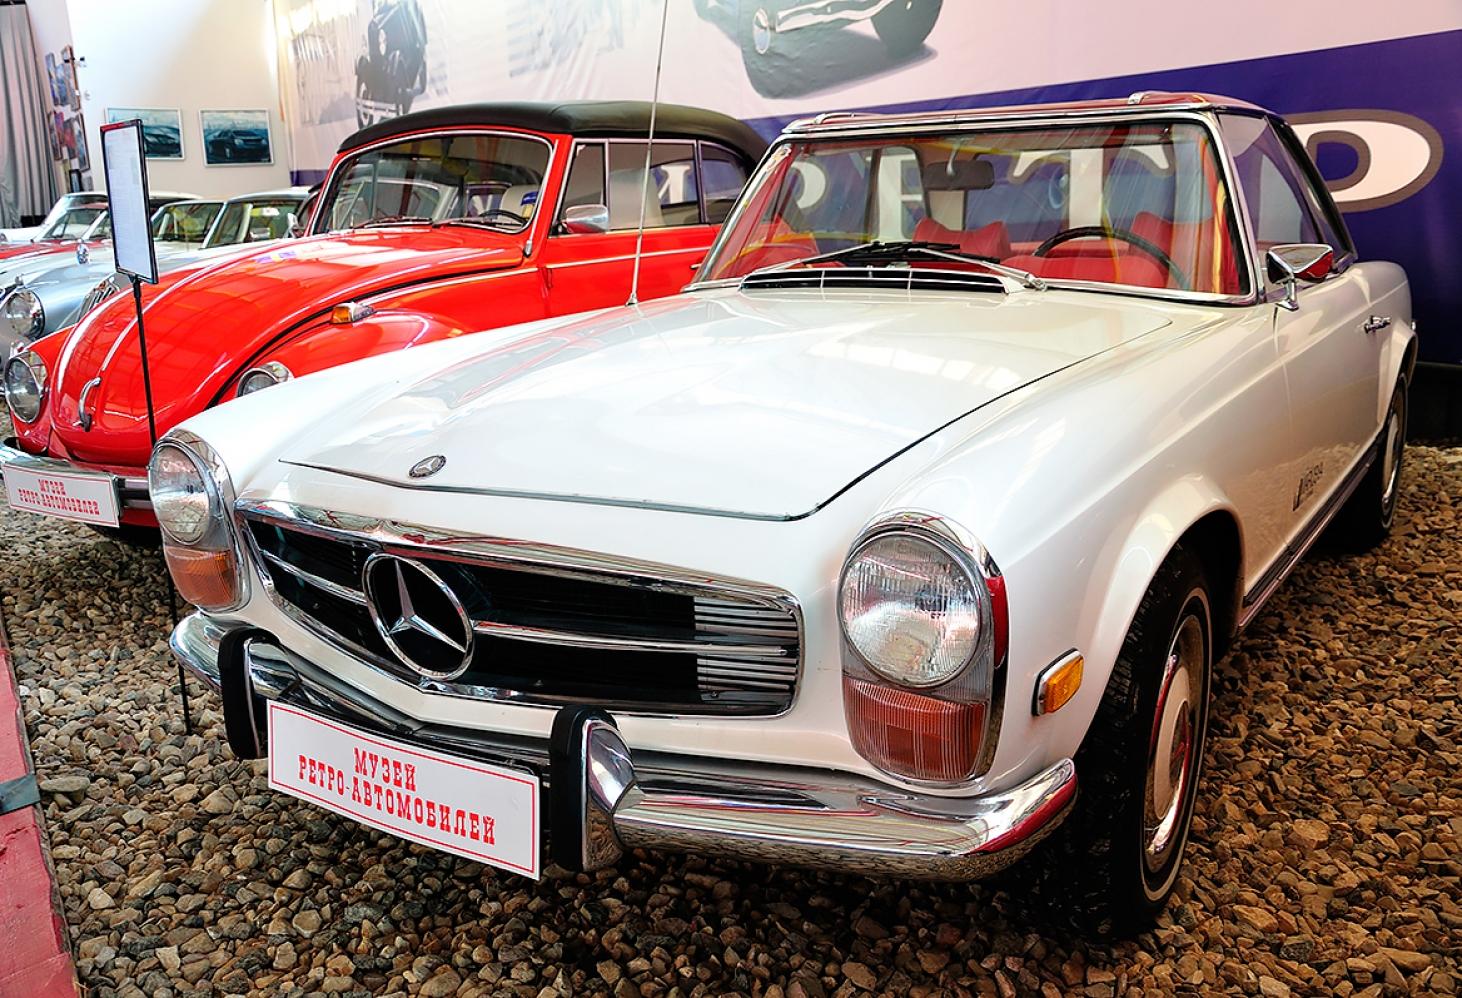 Музей ретро автомобилей Рогожском Валу